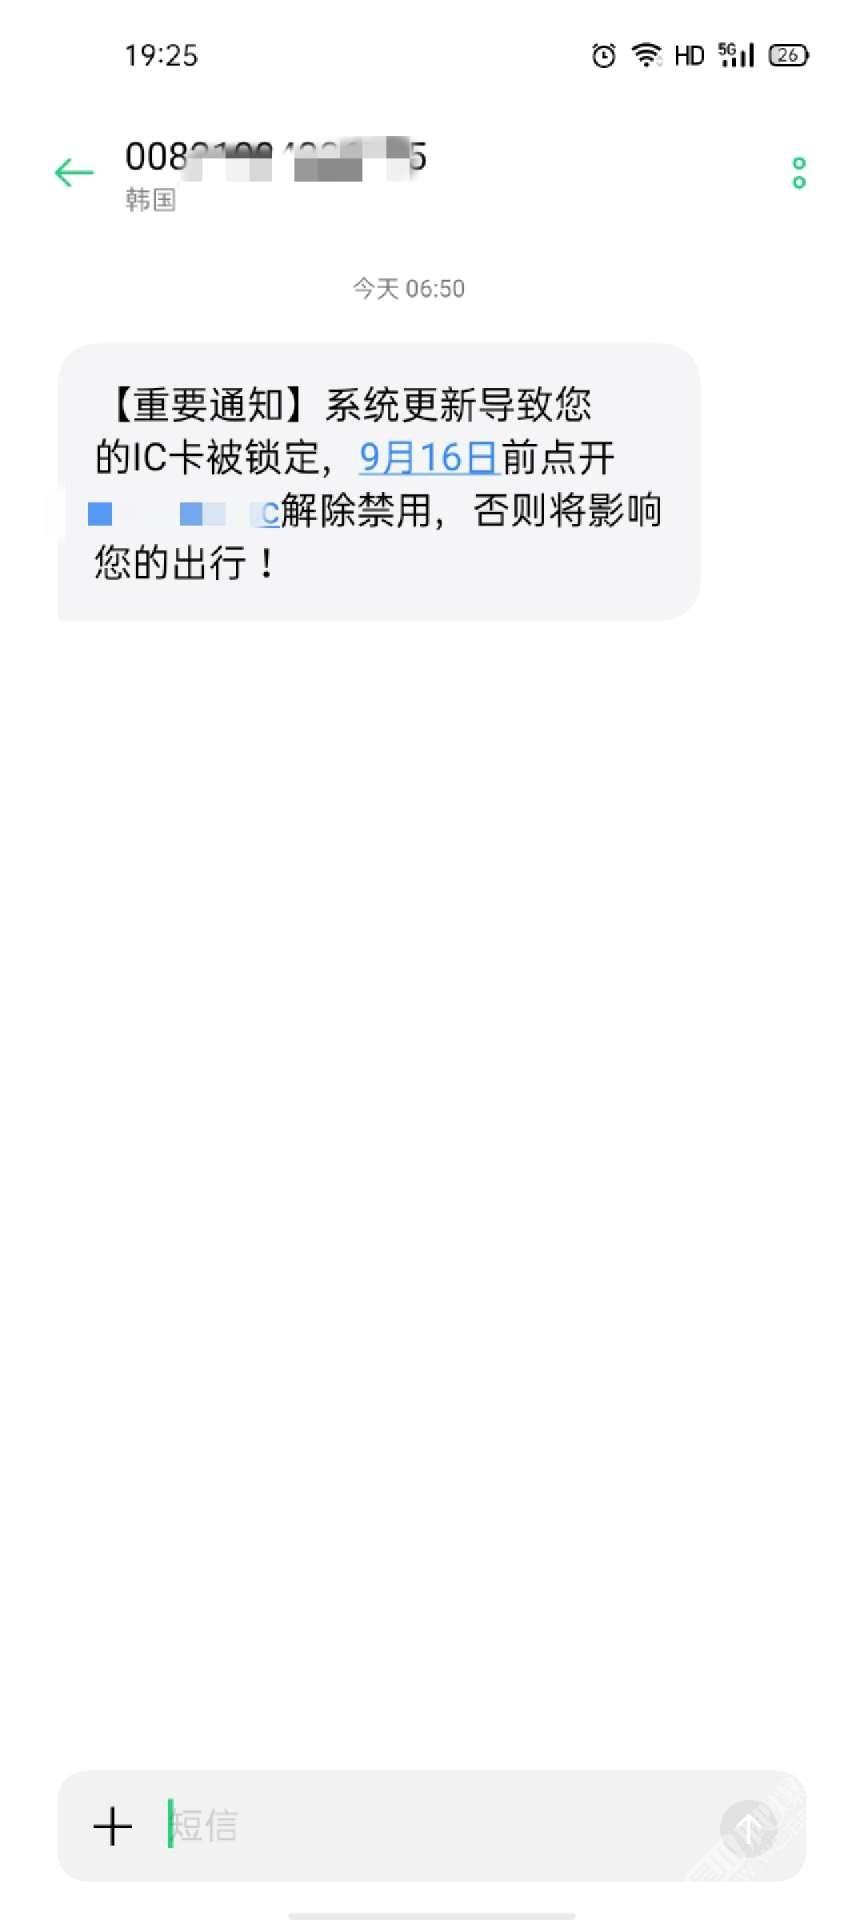 不明鏈接不要點,謝謝湛江警察的提醒